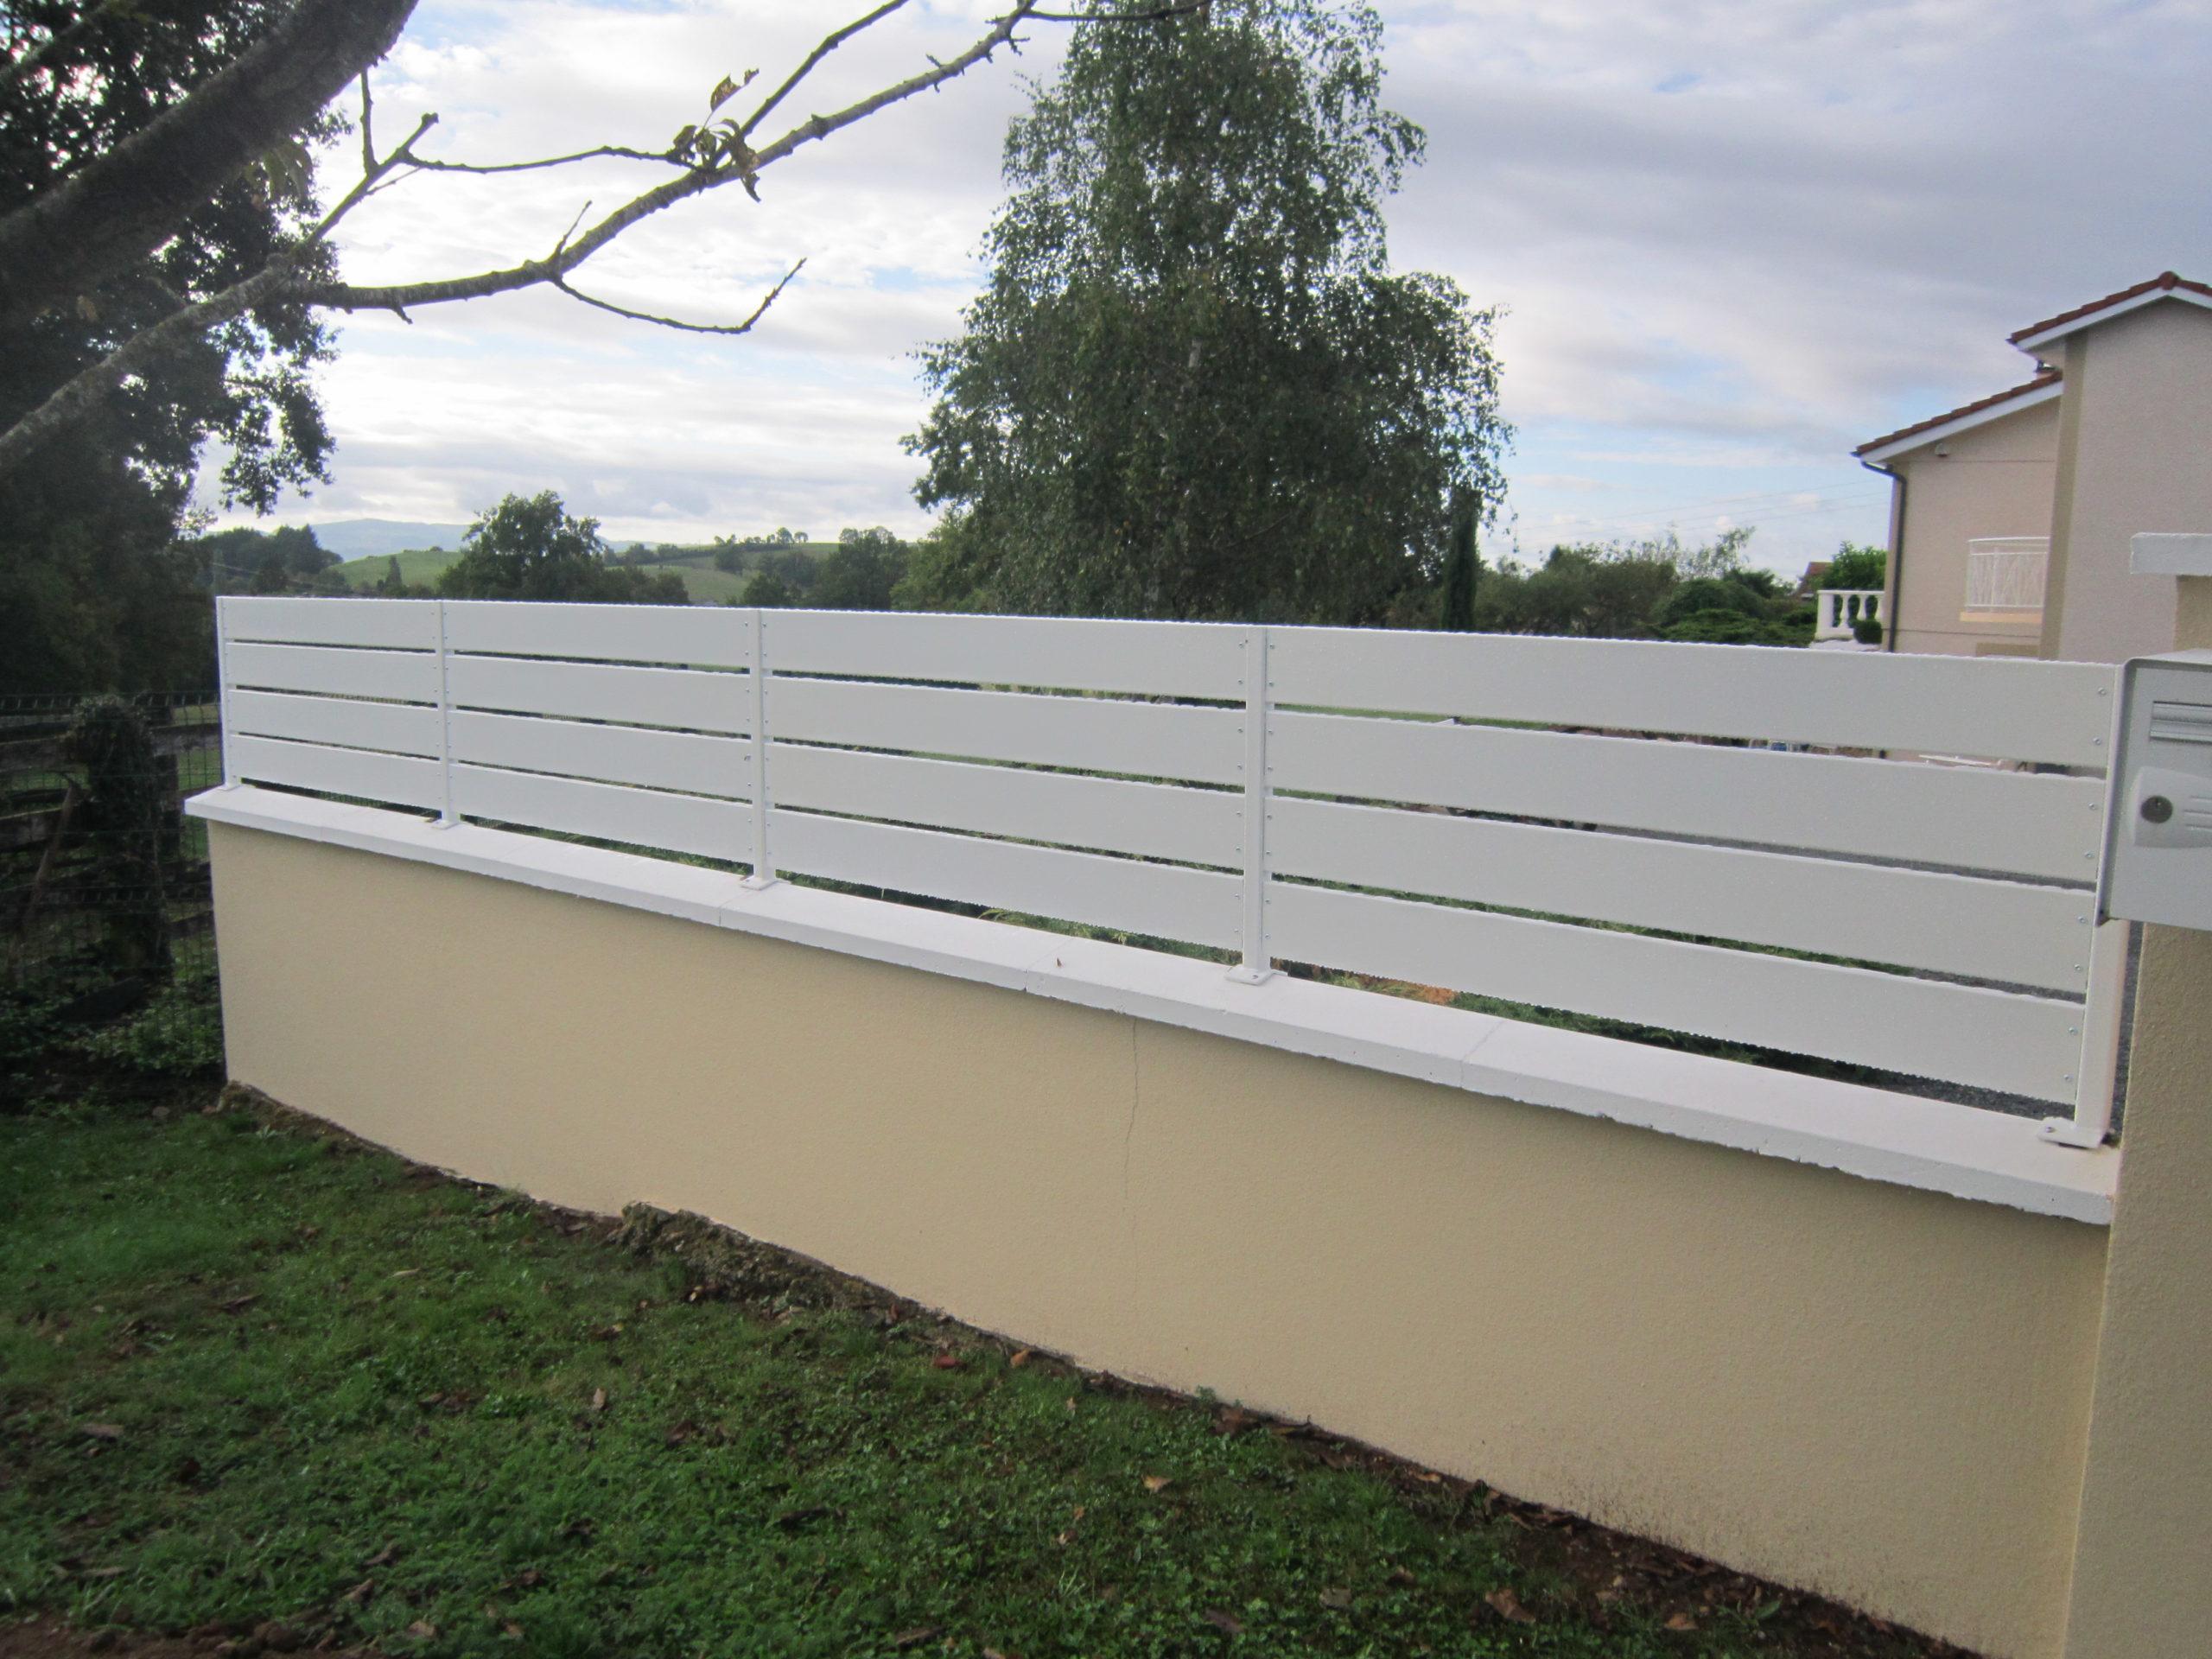 vervas-metal-barrieres-clotures-11